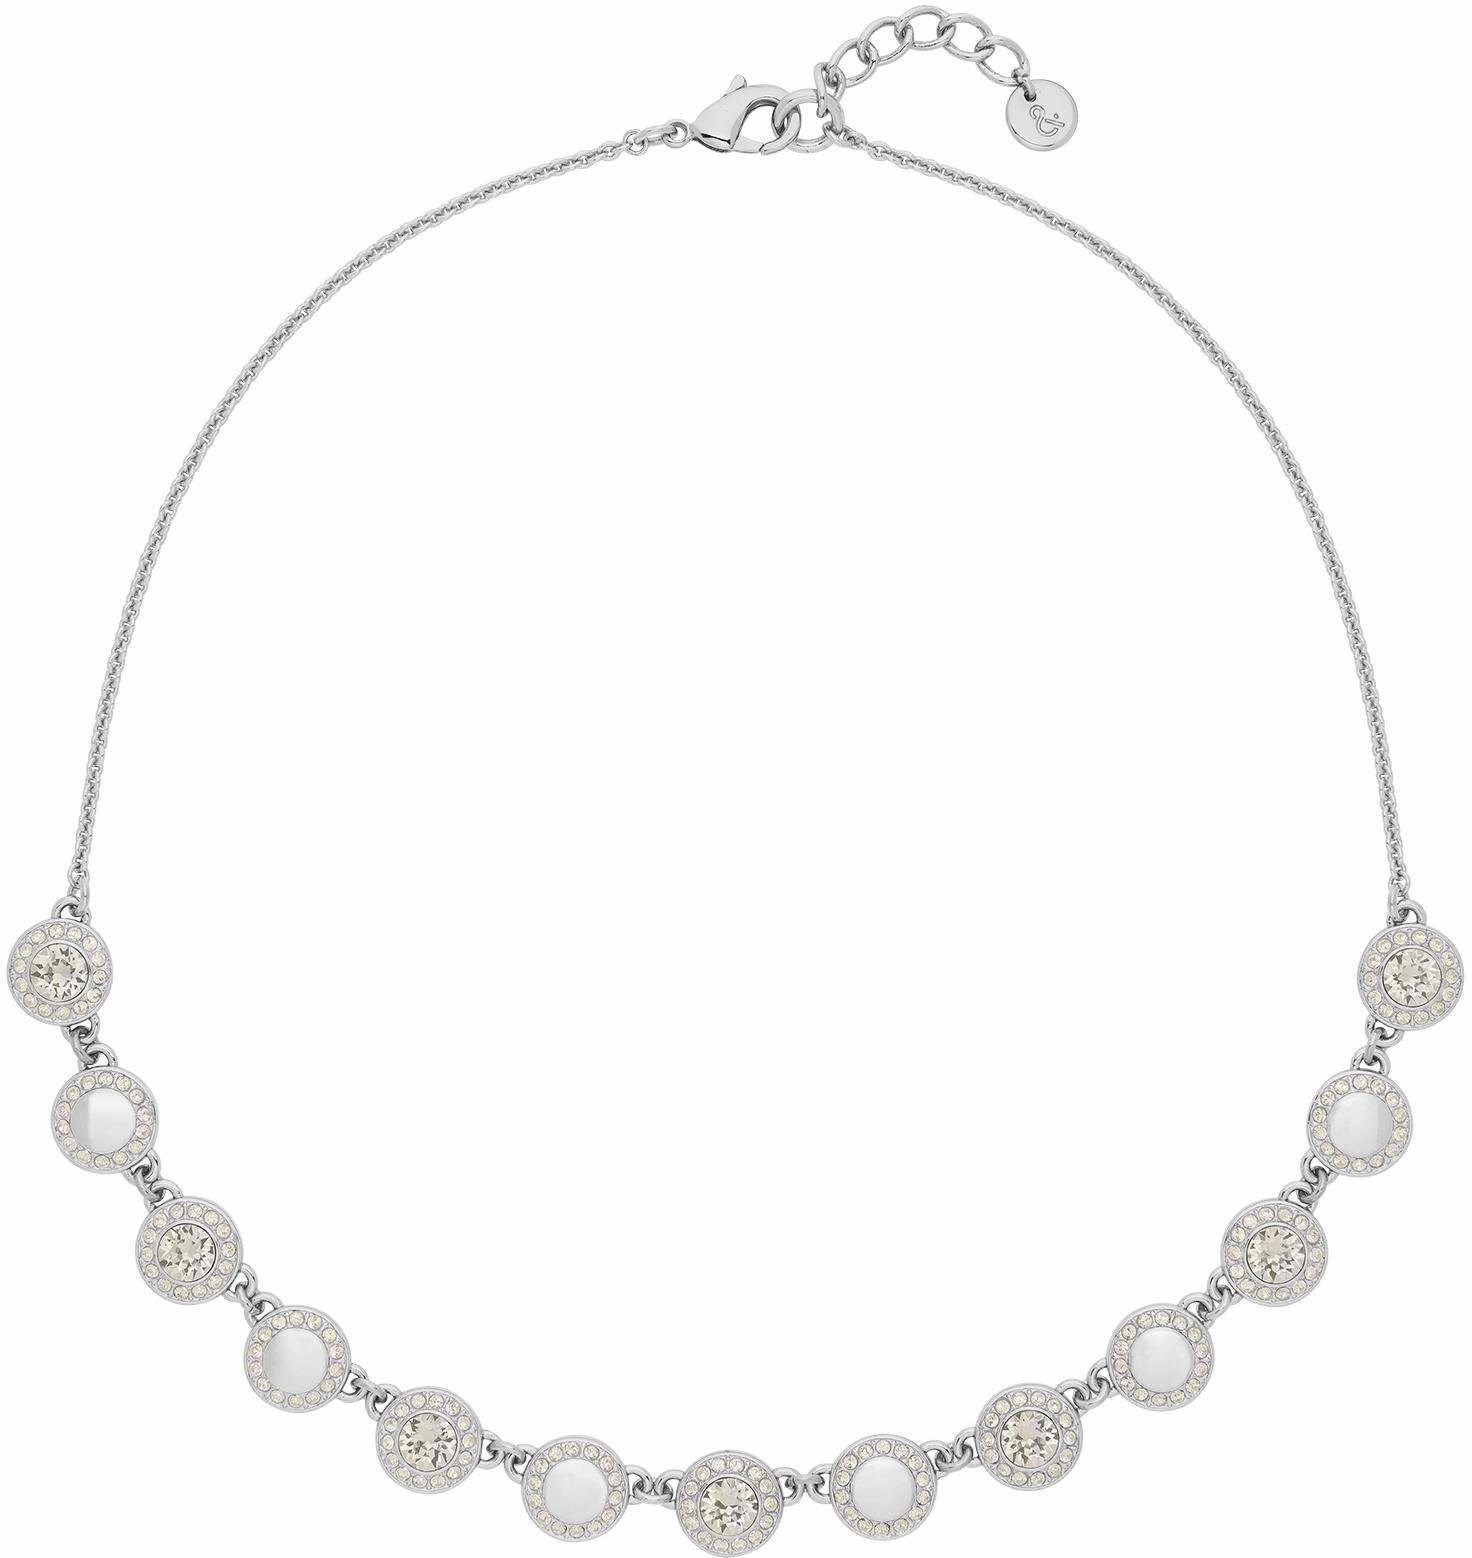 Lolaandgrace Collier »VIENNA COLLIER, 5251851« mit Swarovski® Kristallen